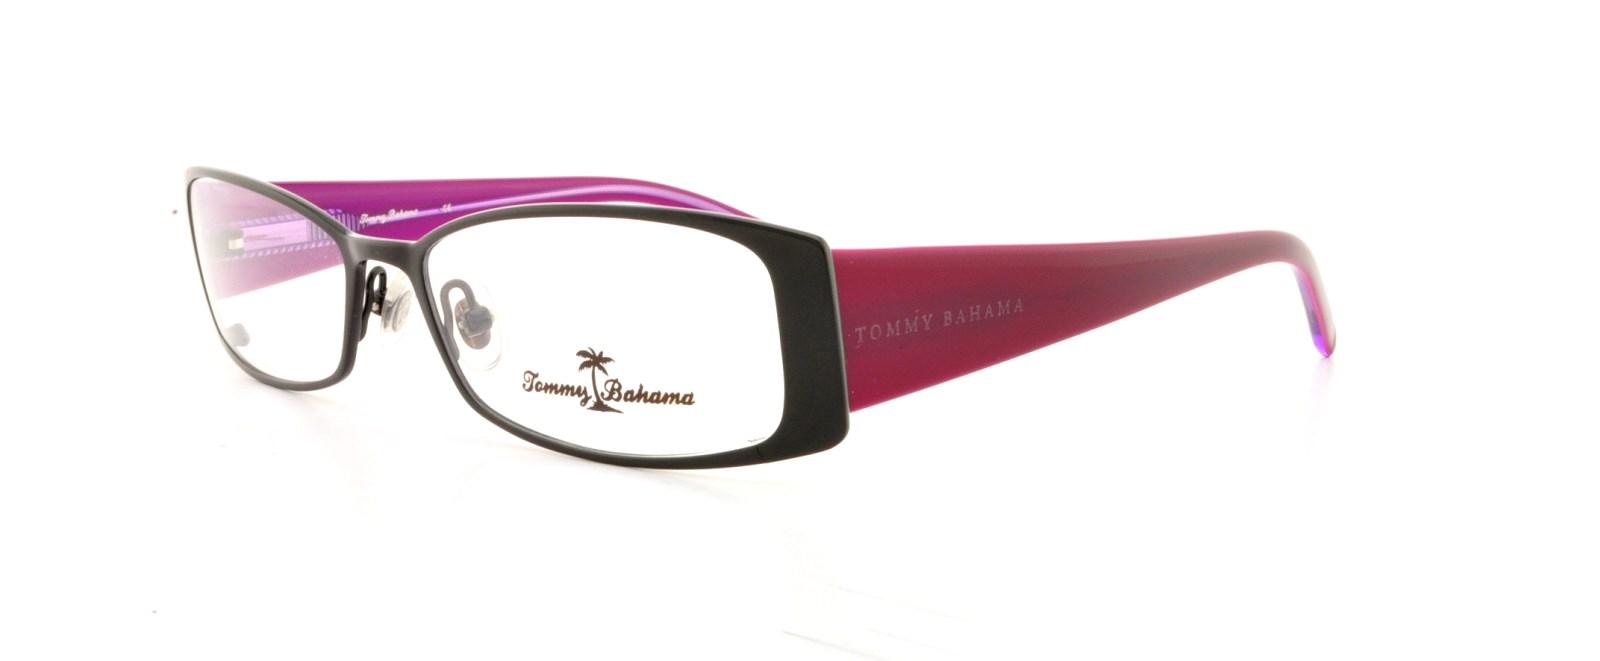 ee36e5fcb4d Designer Frames Outlet. Tommy Bahama TB154